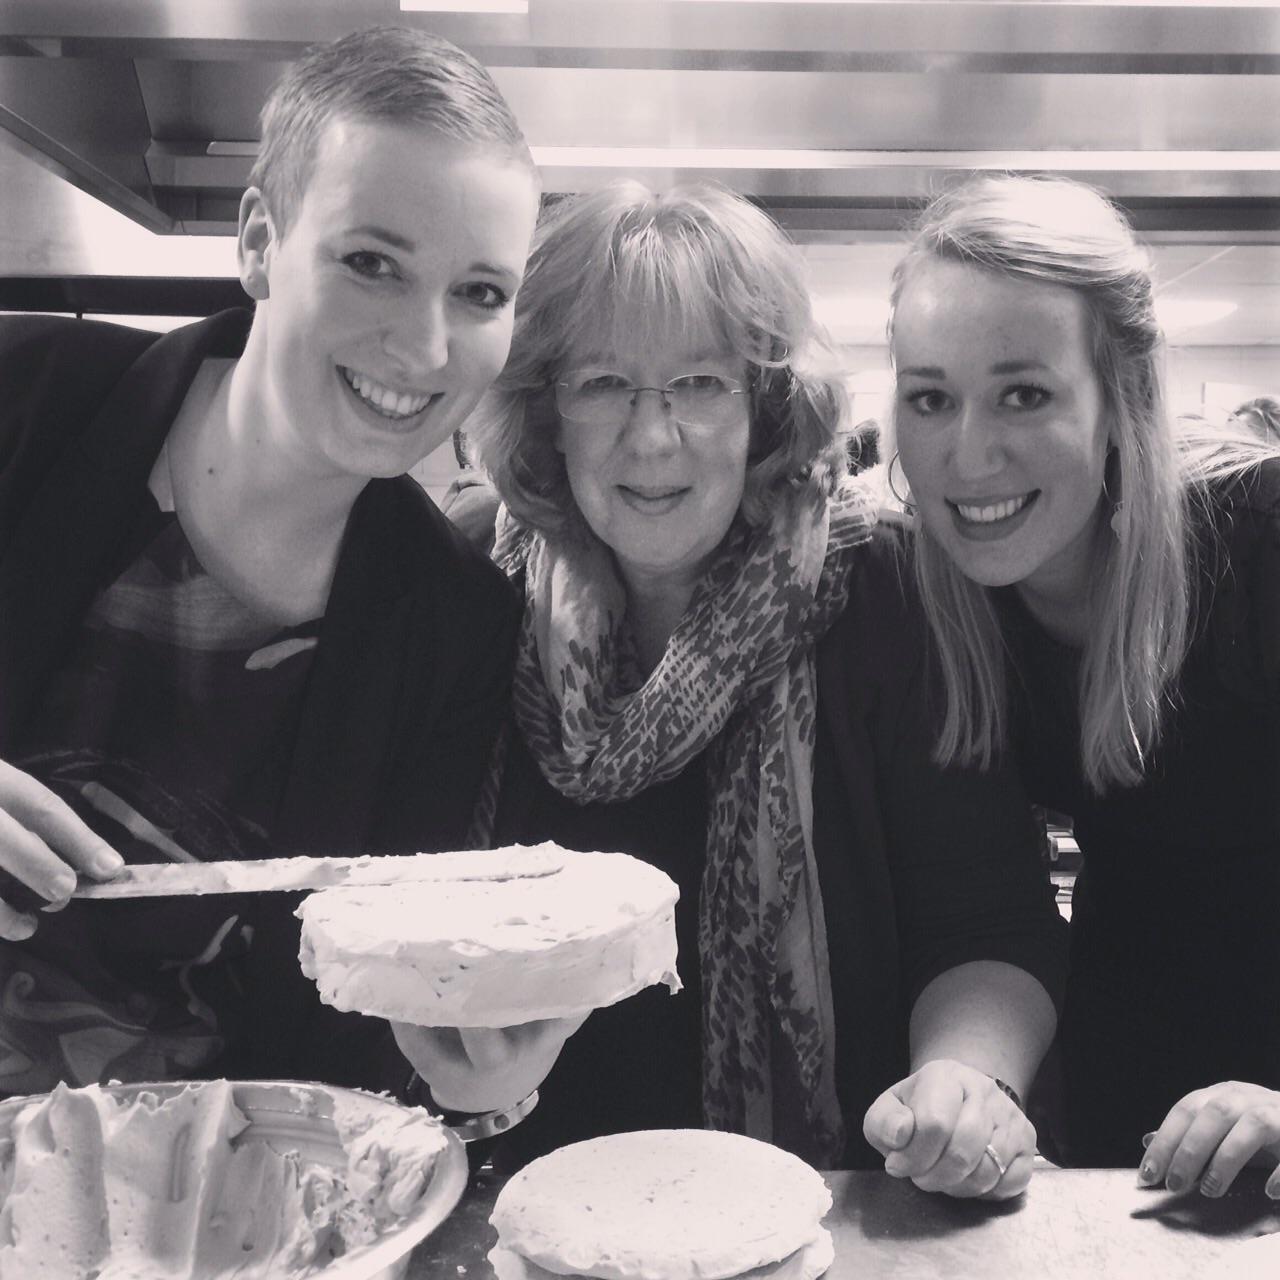 Met m'n moeder en zusje bij de taartenworkshop!